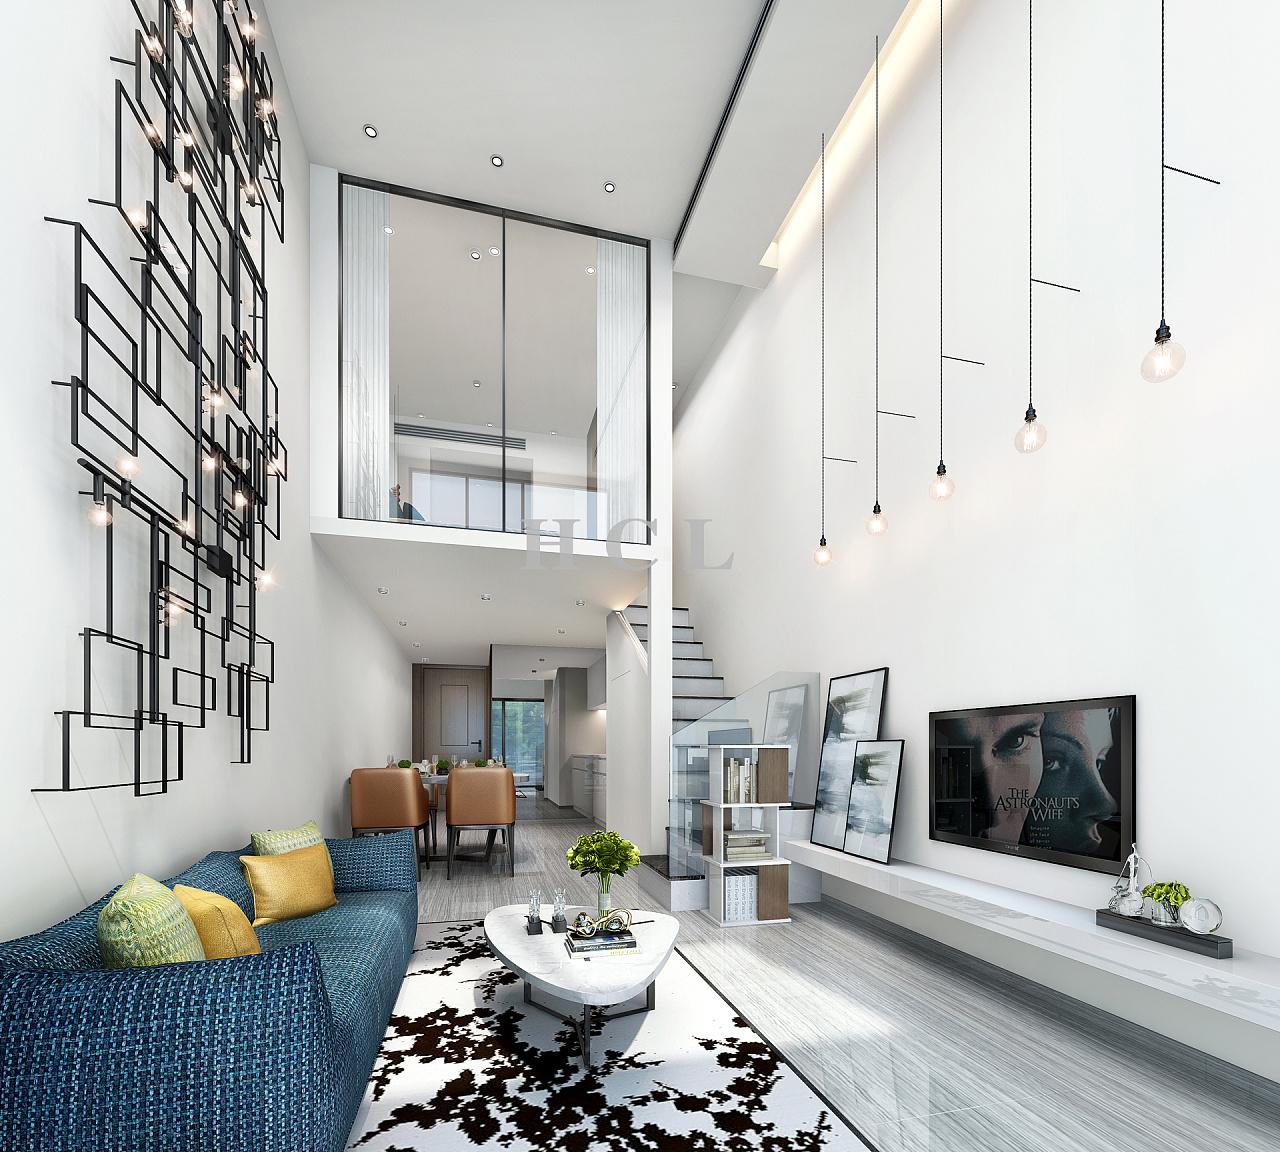 hcl·枫叶公寓设计——让极简融于生活,让细节彰显品位图片